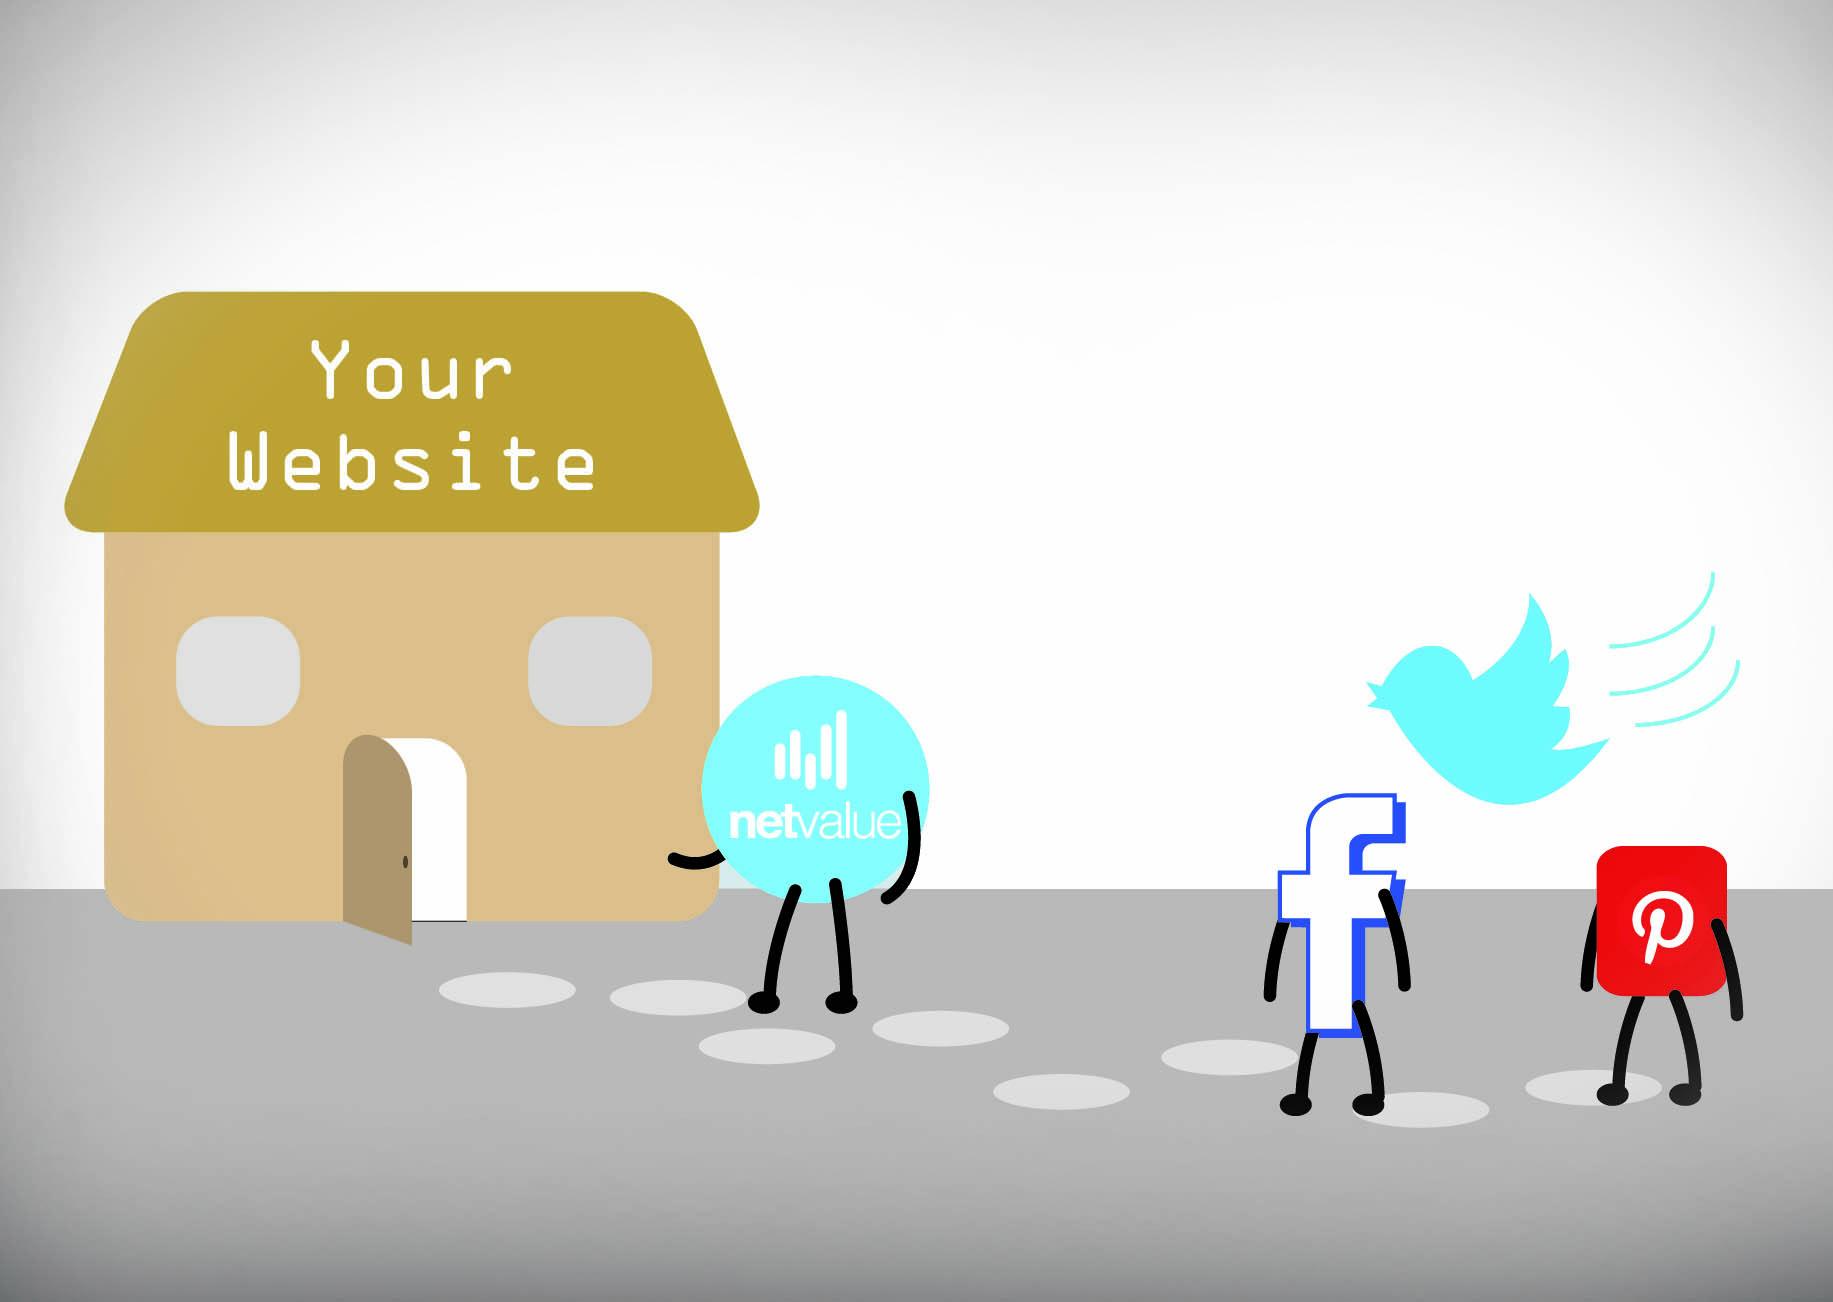 Πώς να αυξήσετε την επισκεψιμότητα της ιστοσελίδας σας